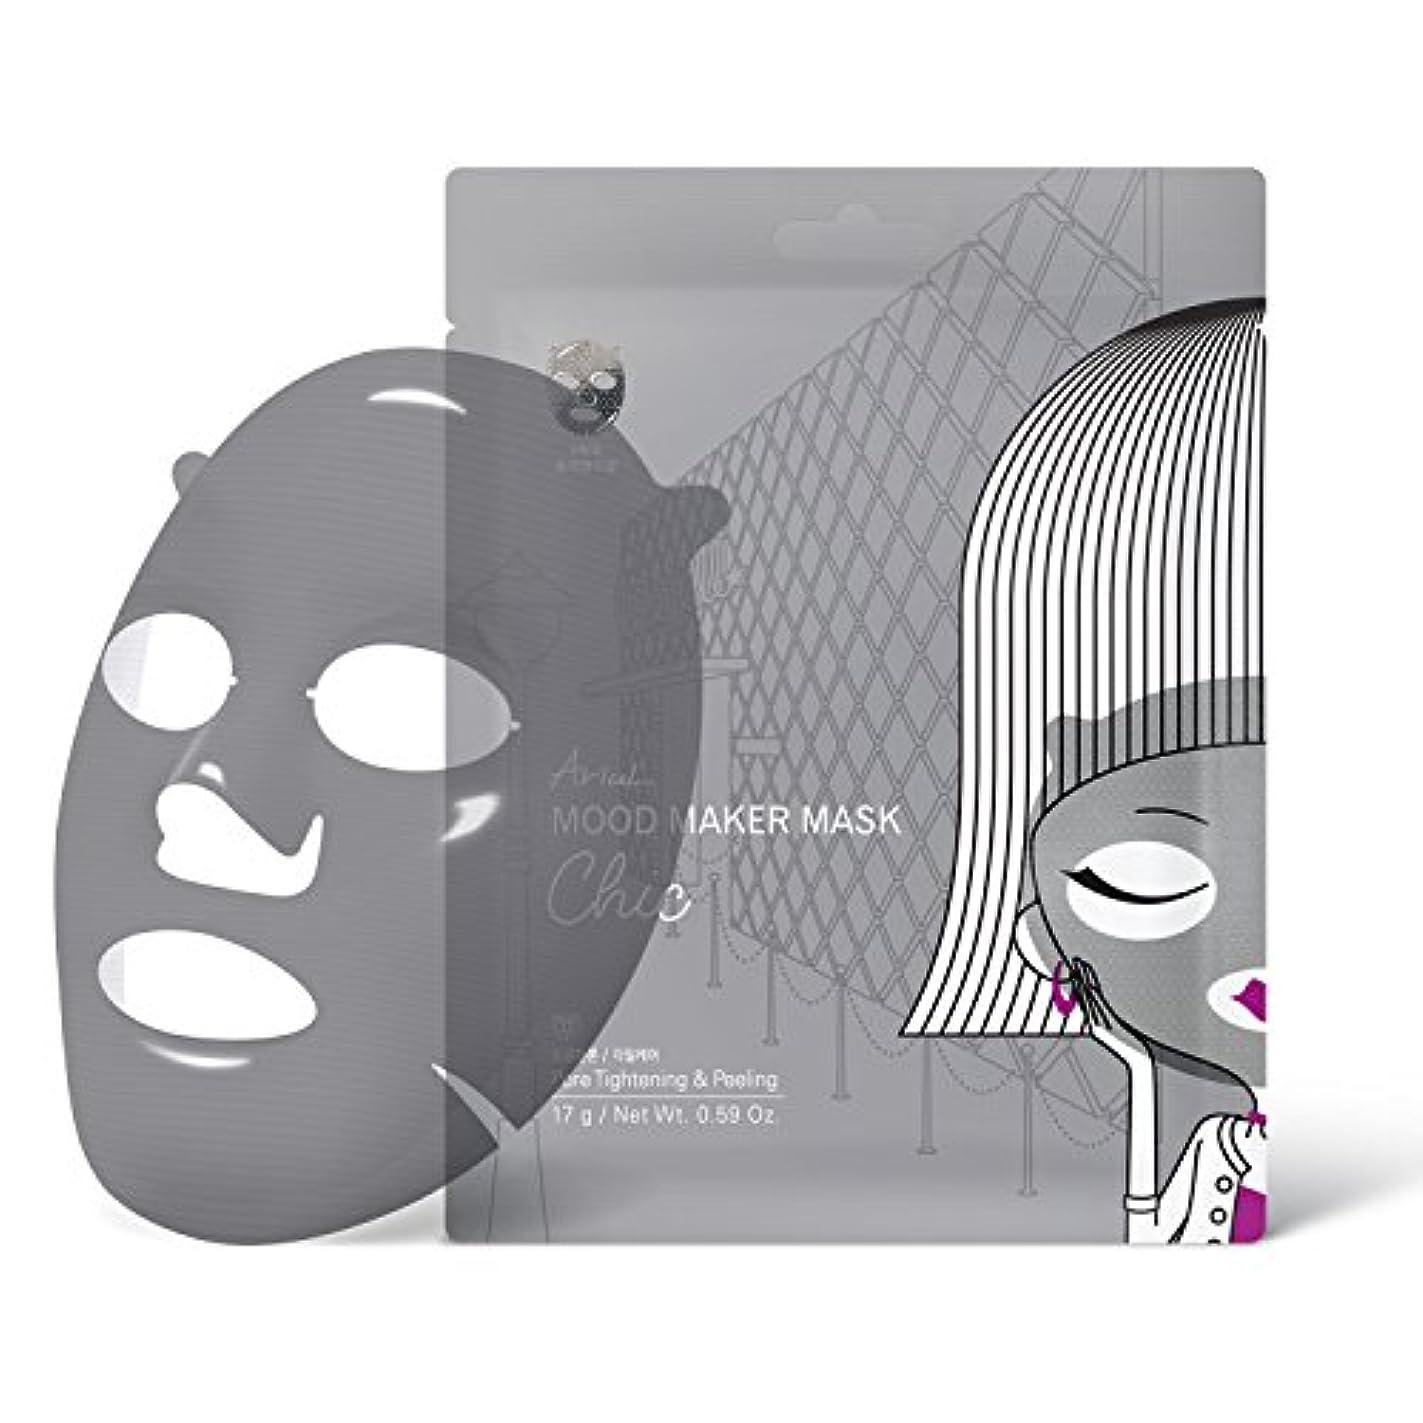 アリウル ムードメーカーマスク シック 1枚入り